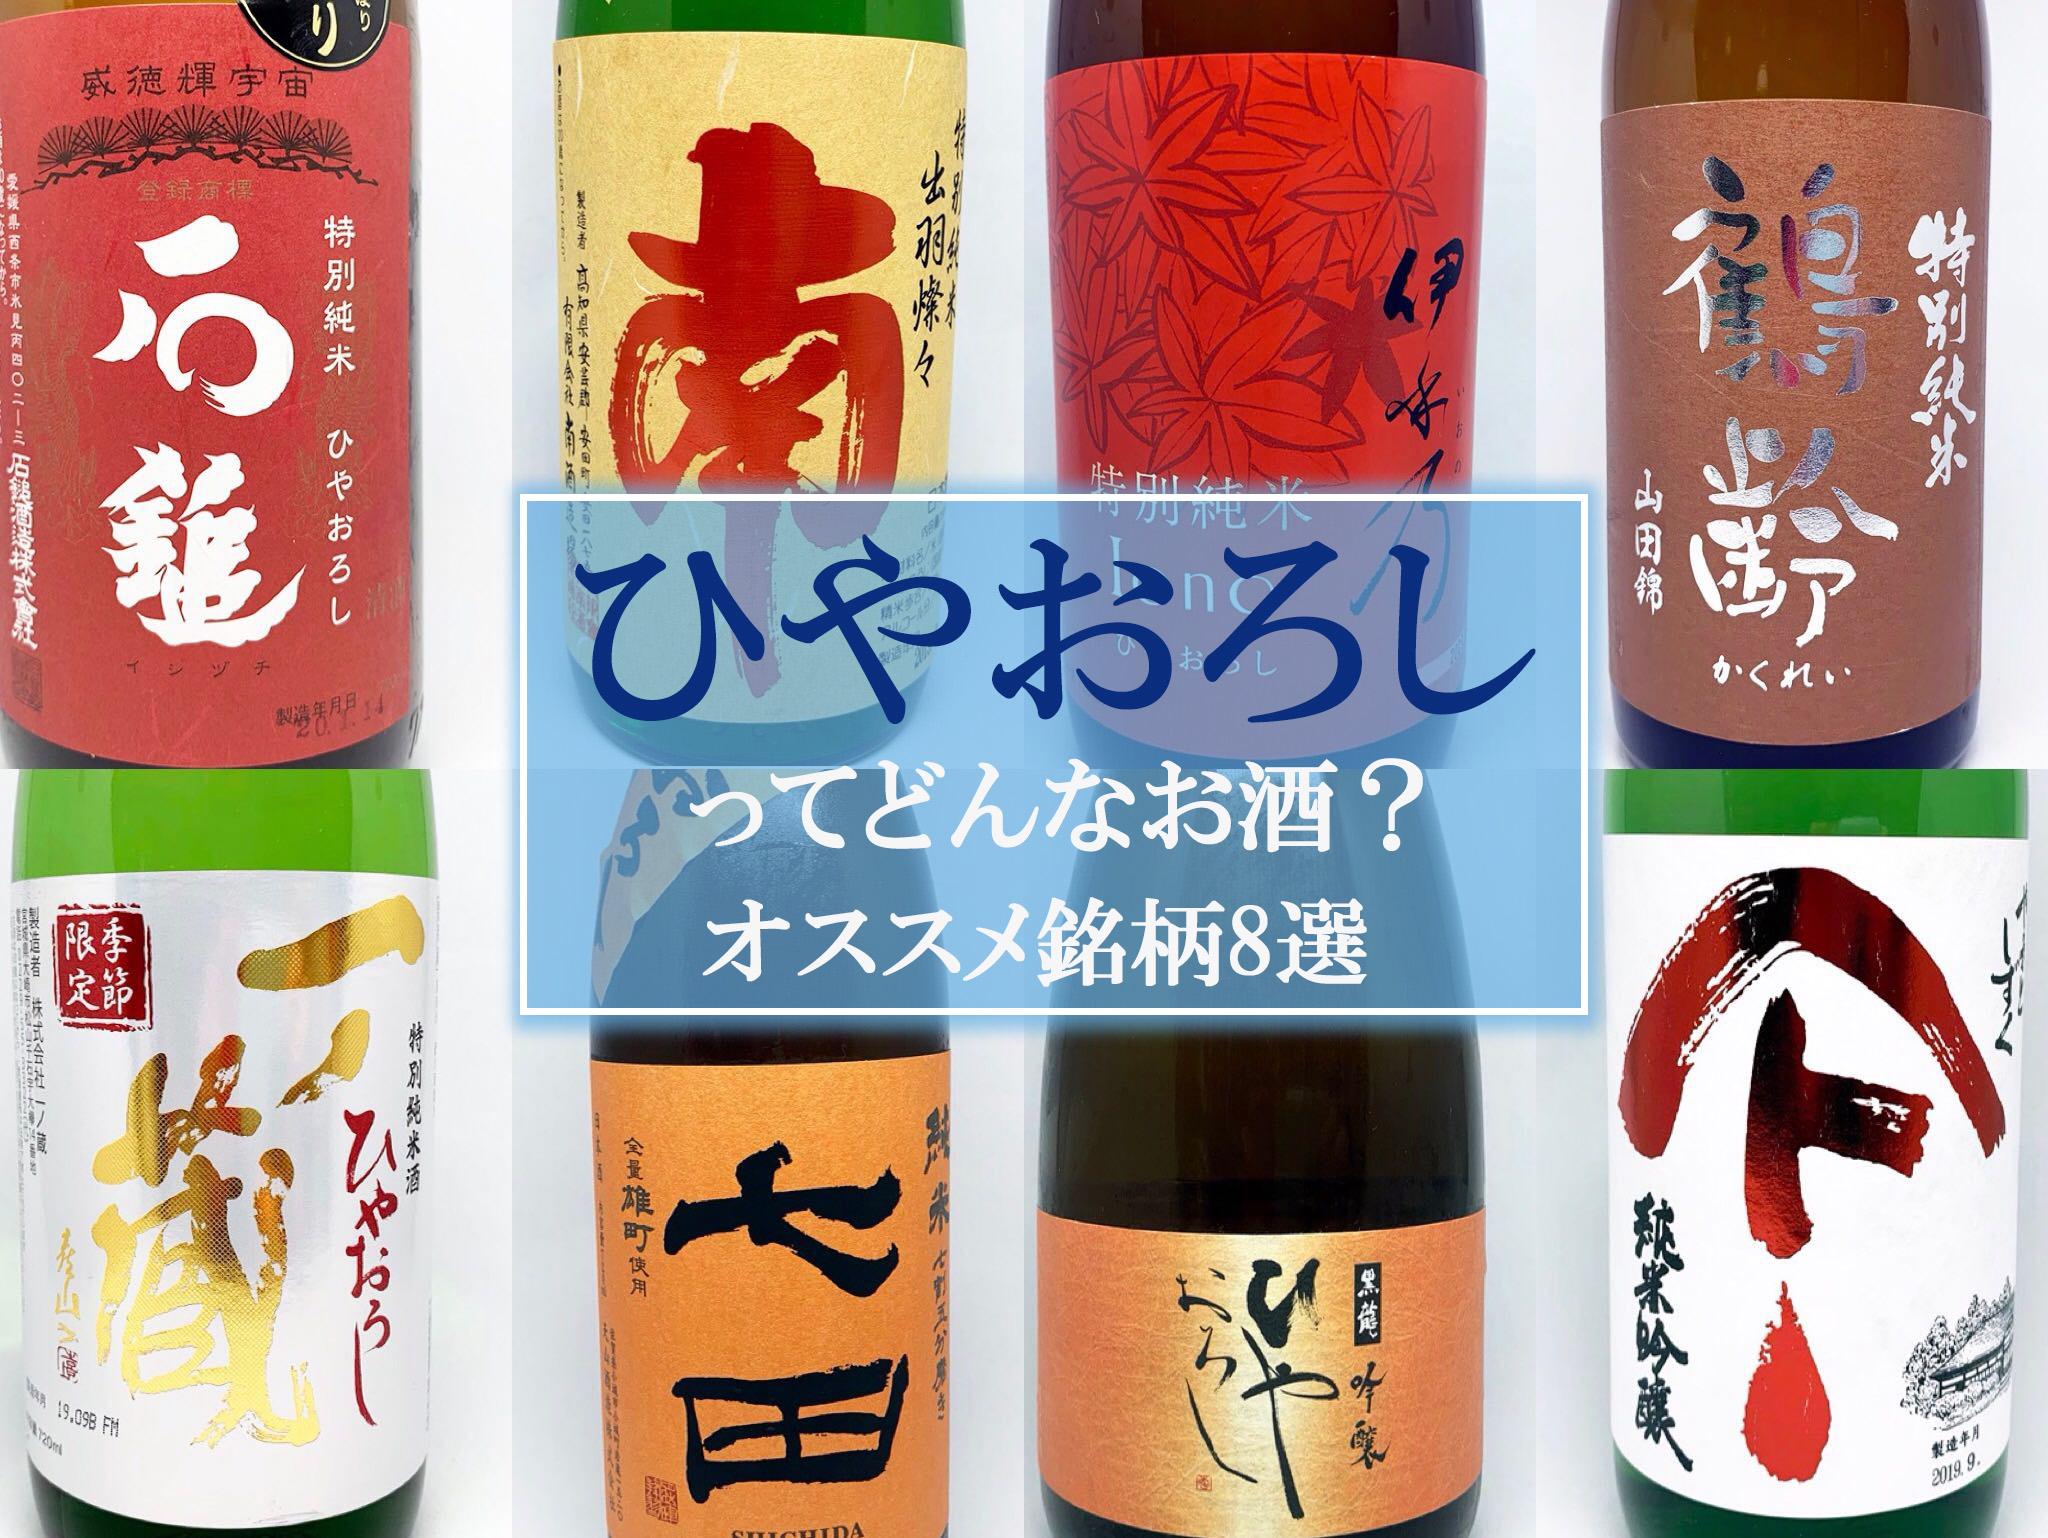 「ひやおろし」っていったいどんな日本酒? 熟成の進んだ旨味たっぷりなお酒を解説しつつオススメ銘柄を紹介